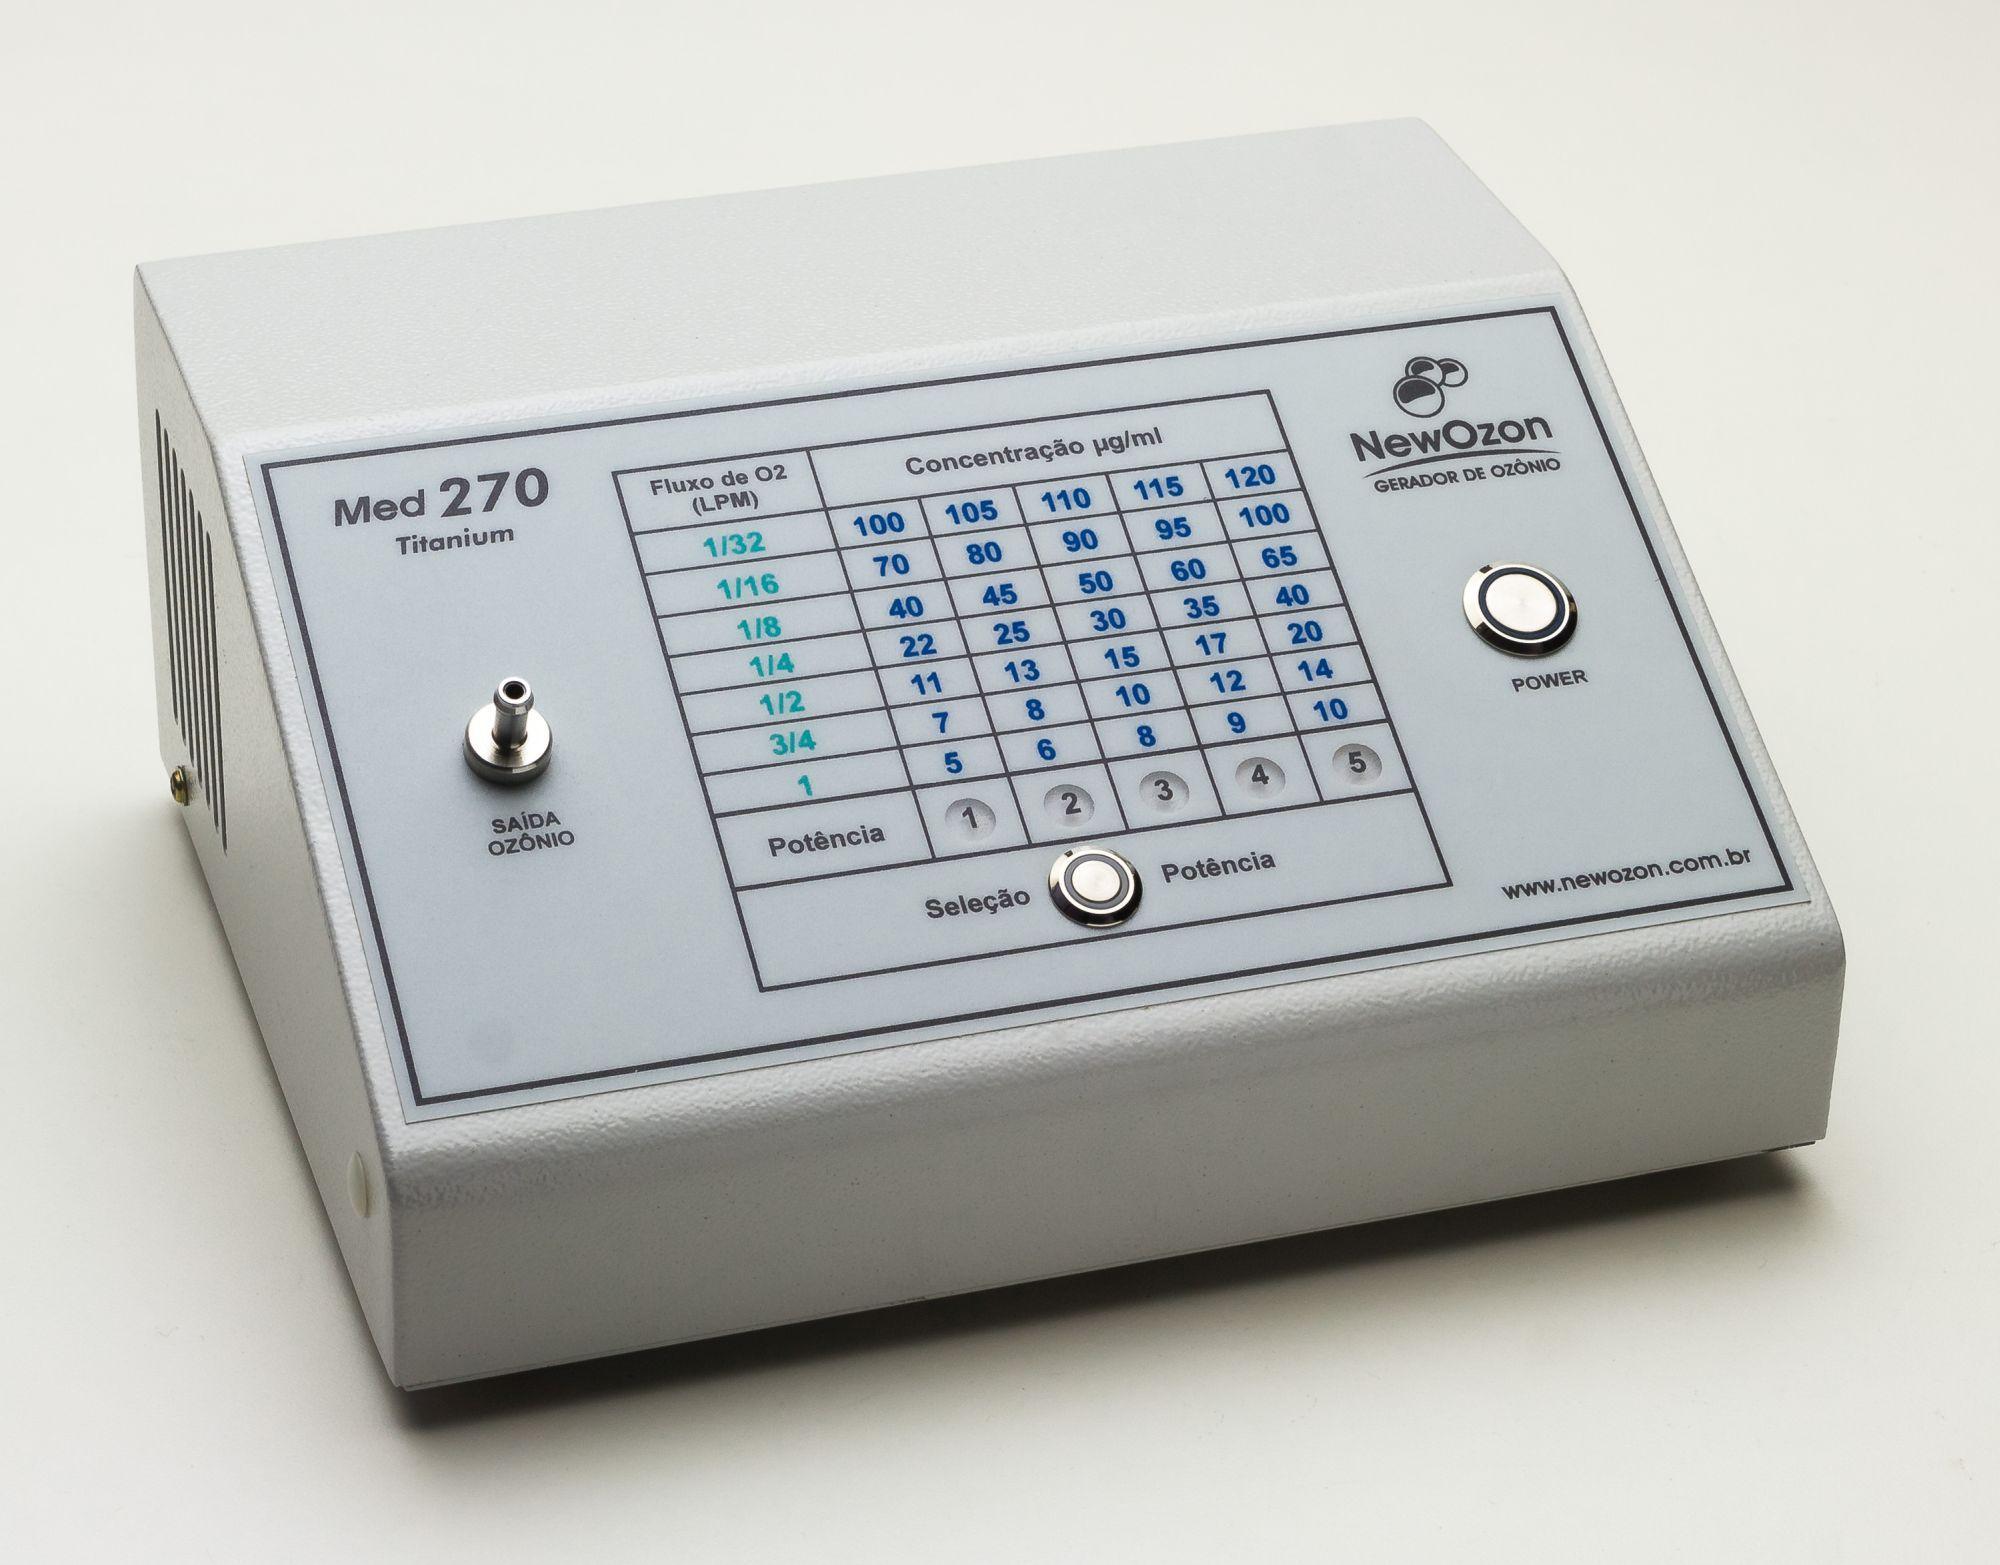 NewOzon Med 270 Titanium Gerador de Ozônio de Uso Medicinal, indicado para uso Médico, Odontológico ou Veterinário. 35 concentrações de ozônio disponíveis em 5 níveis de potência.